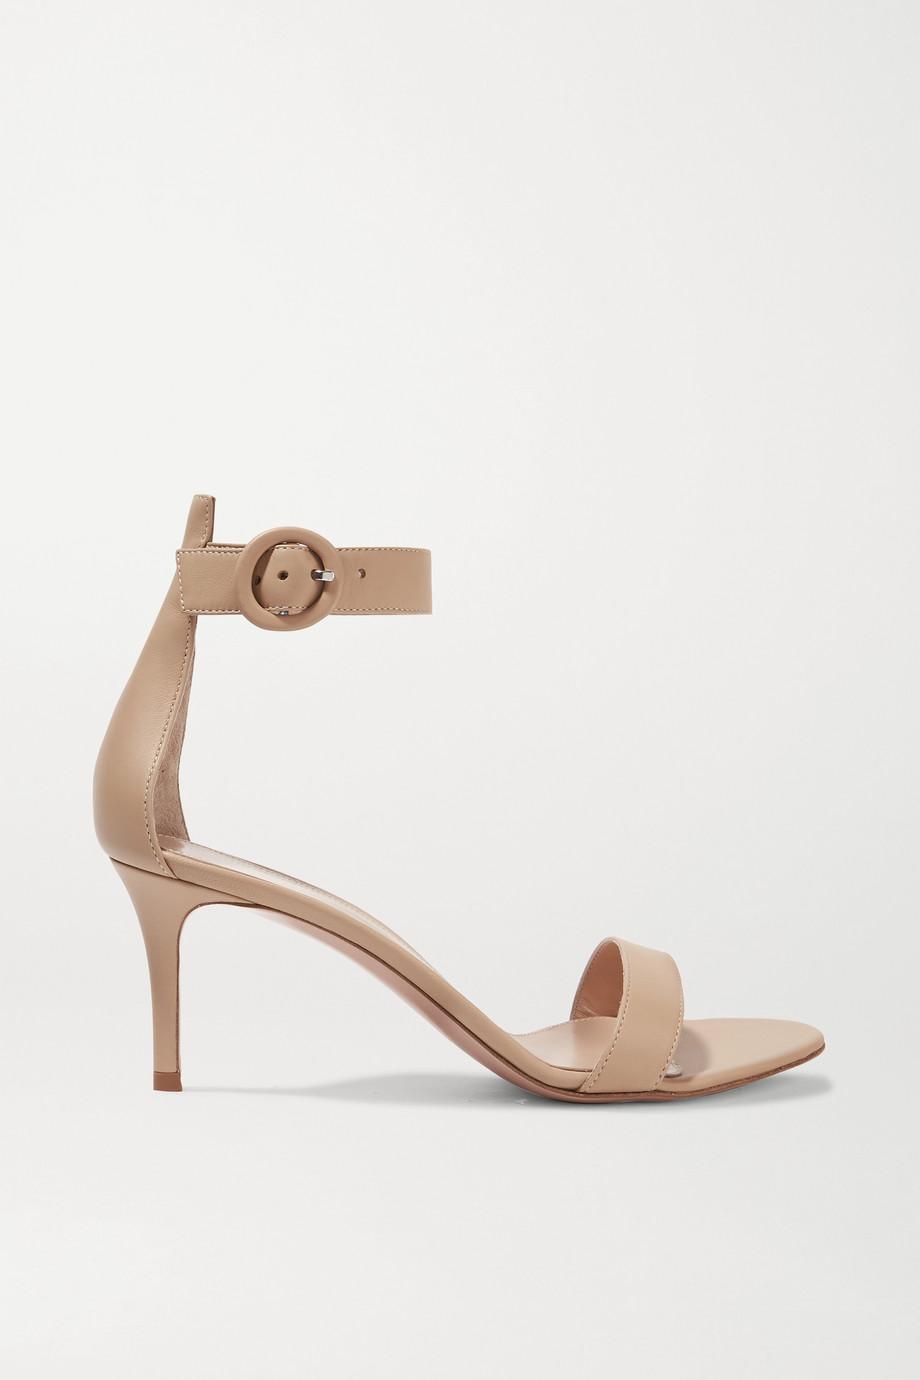 Gianvito Rossi Portofino 70 leather sandals